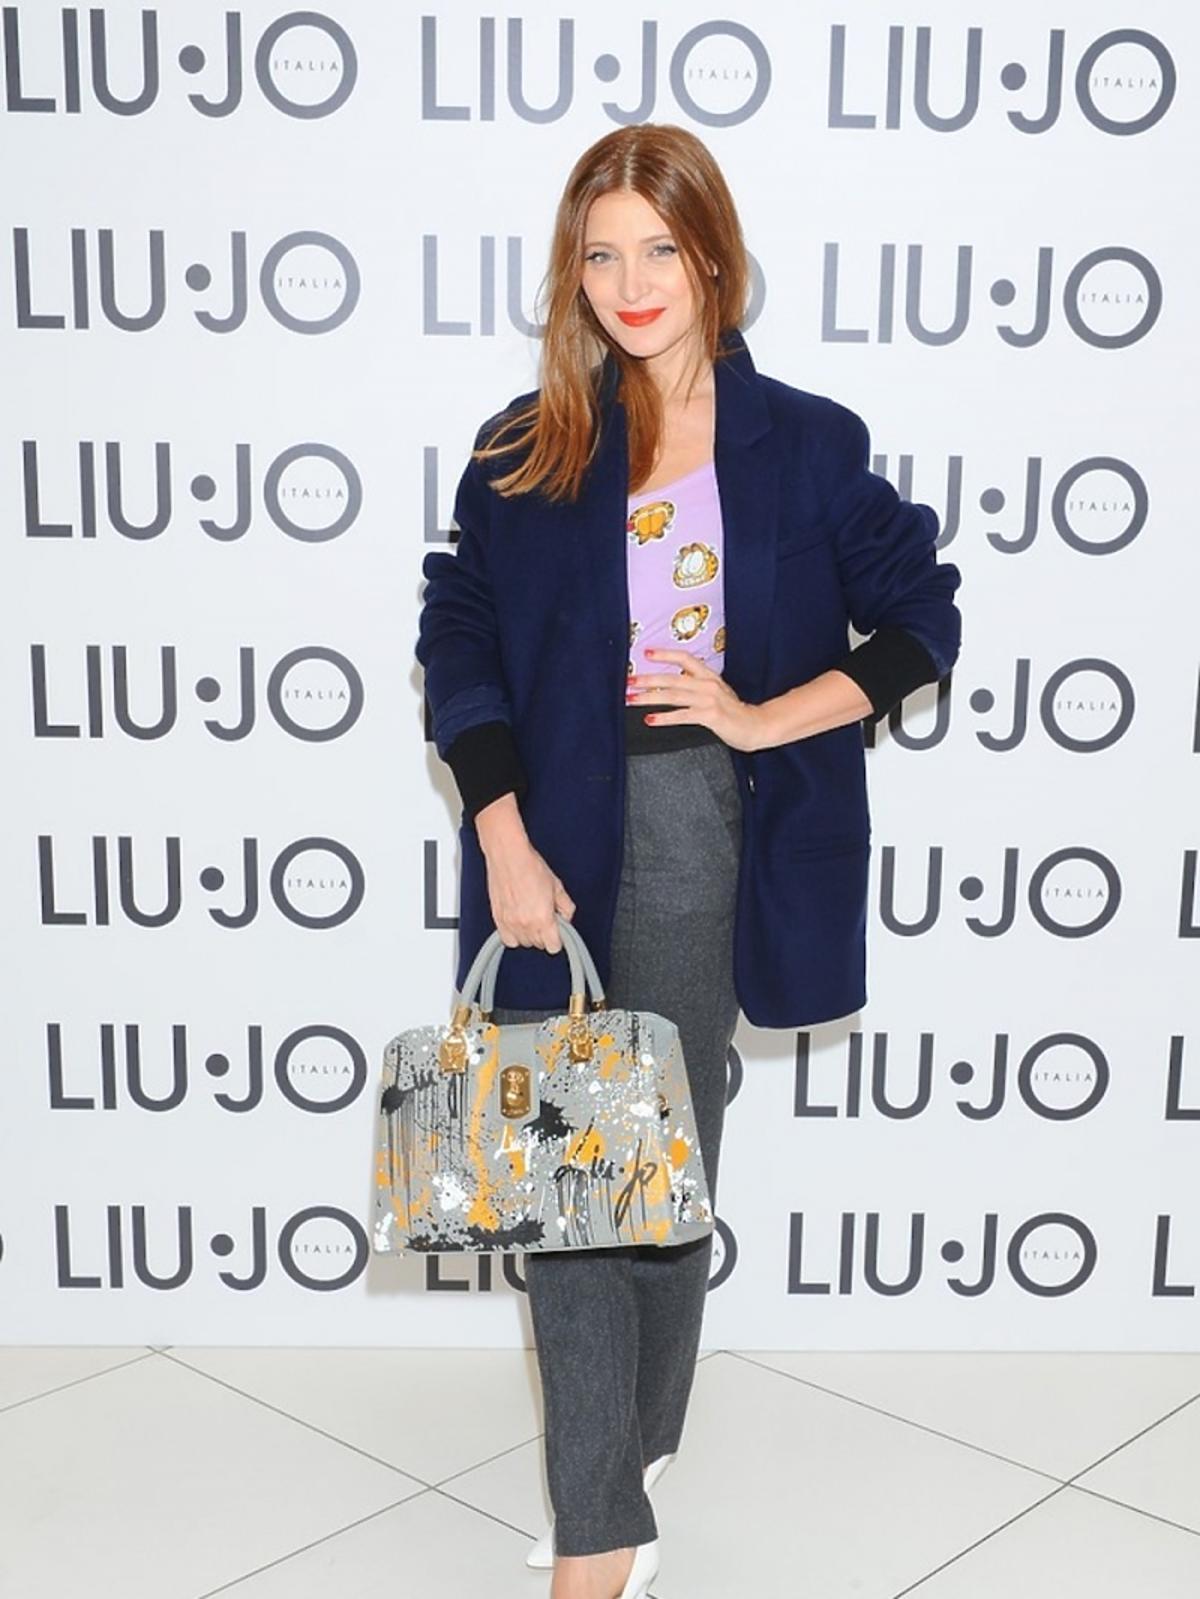 Ada Fijałw szarych spodniach, granatowej marynarce, fioletowym topie w zwiarzaki, białych szpilkach, torbie w malarskie printy